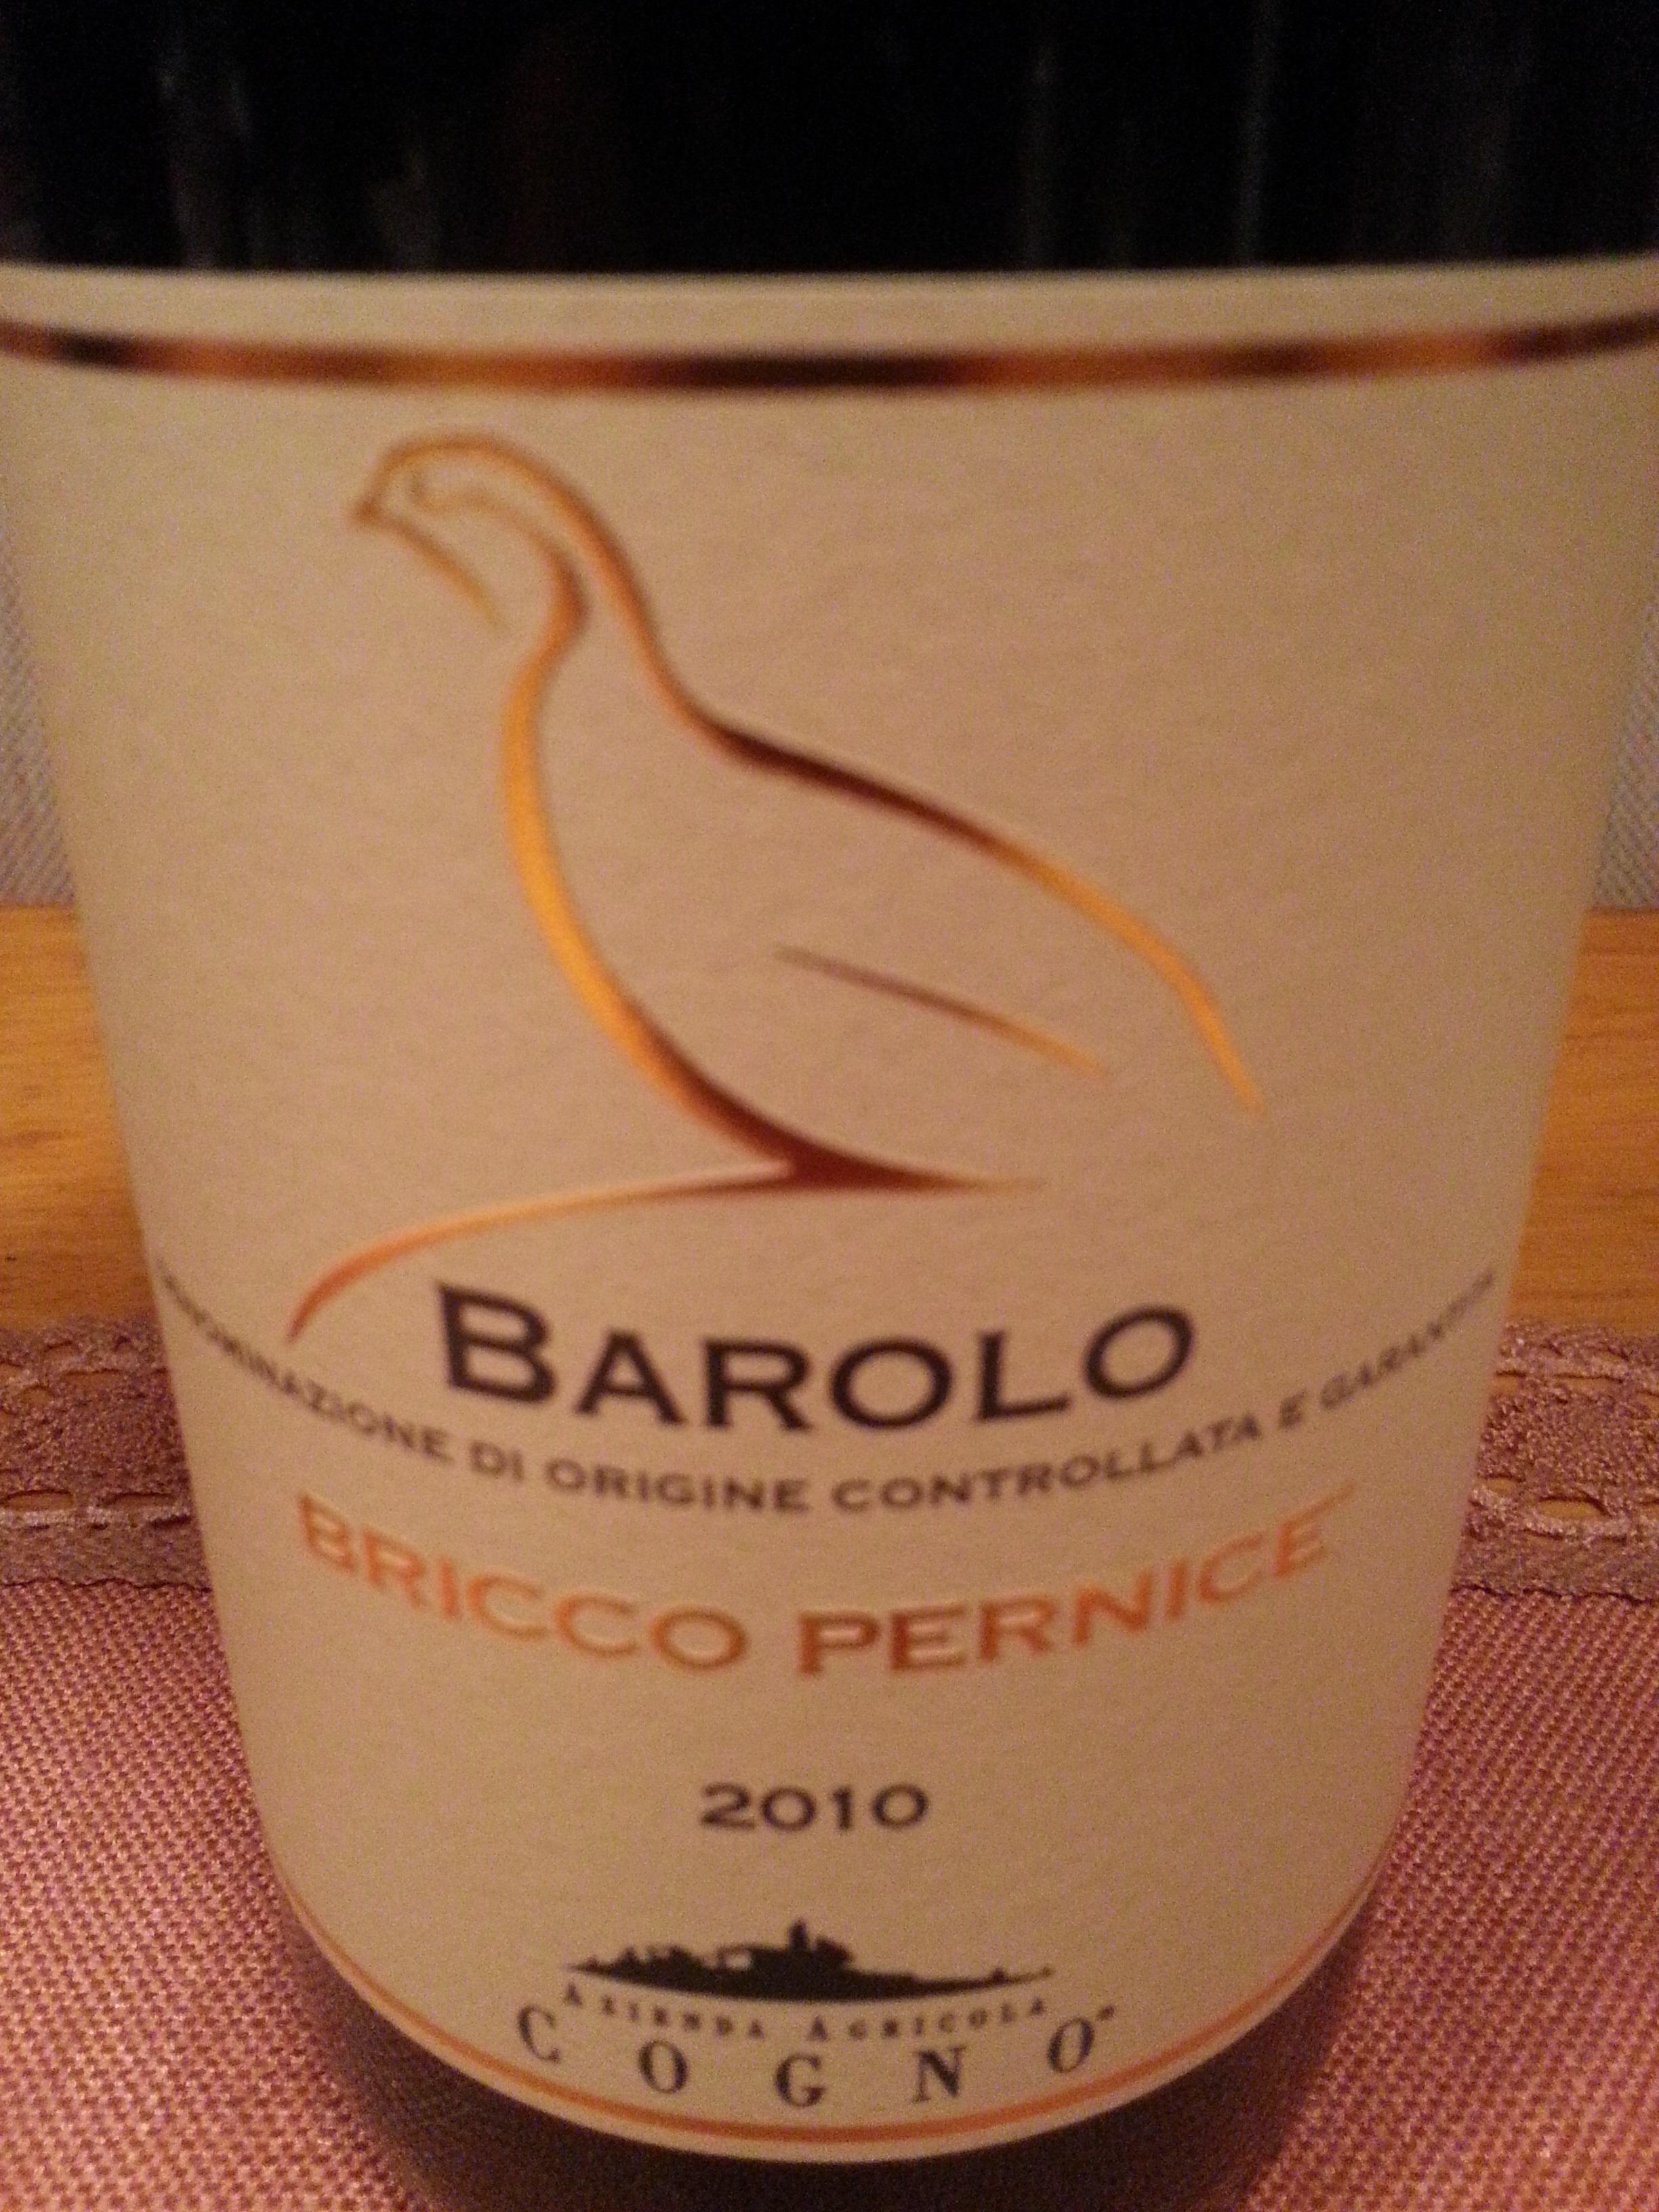 2010 Barolo Bricco Pernice | Cogno